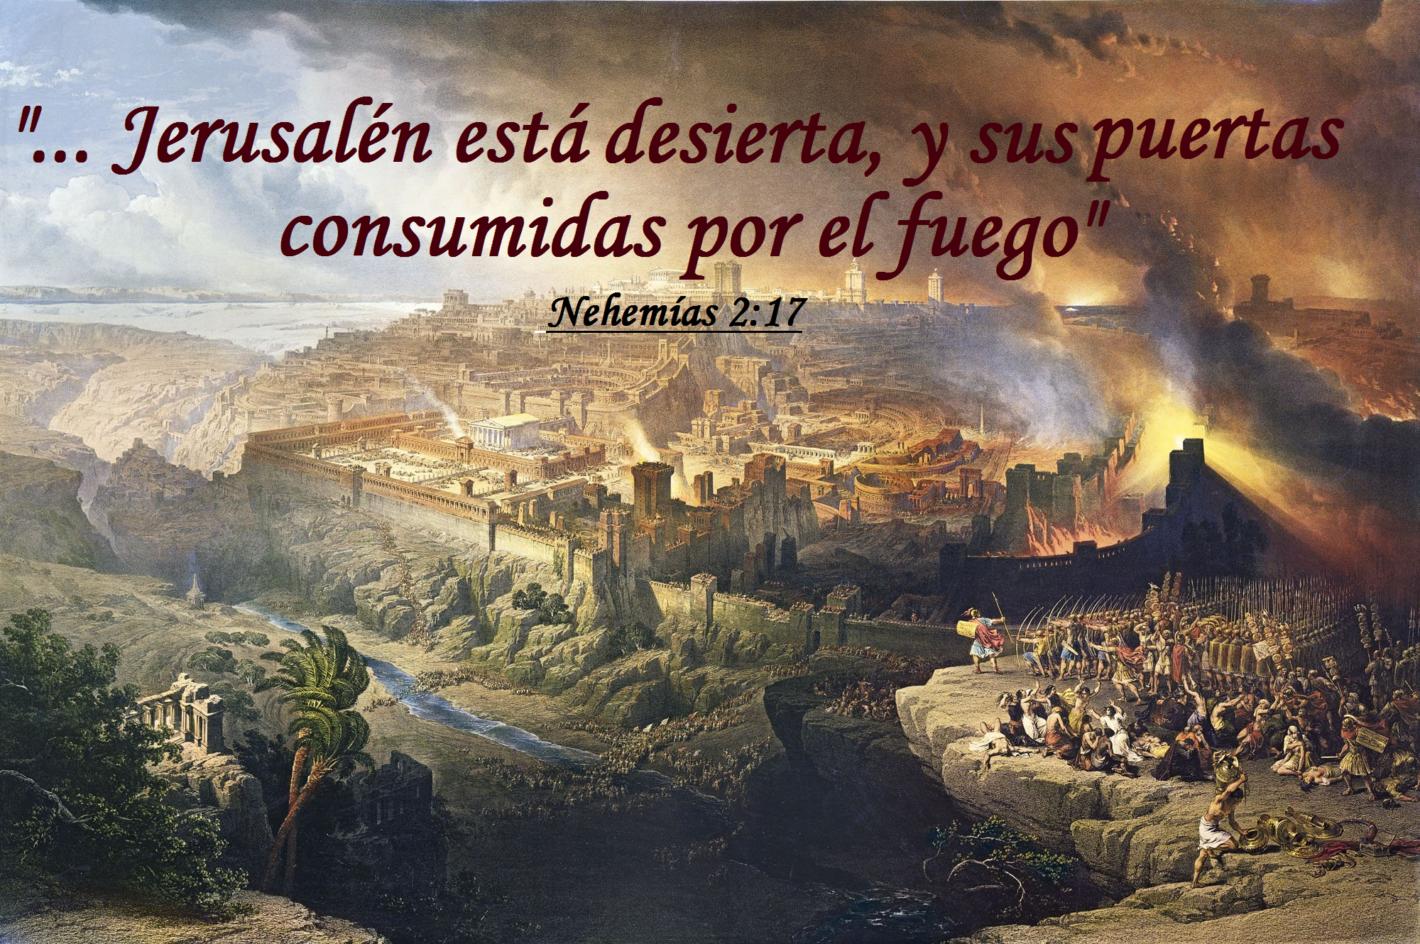 La destrucción trae oprobio al corazón